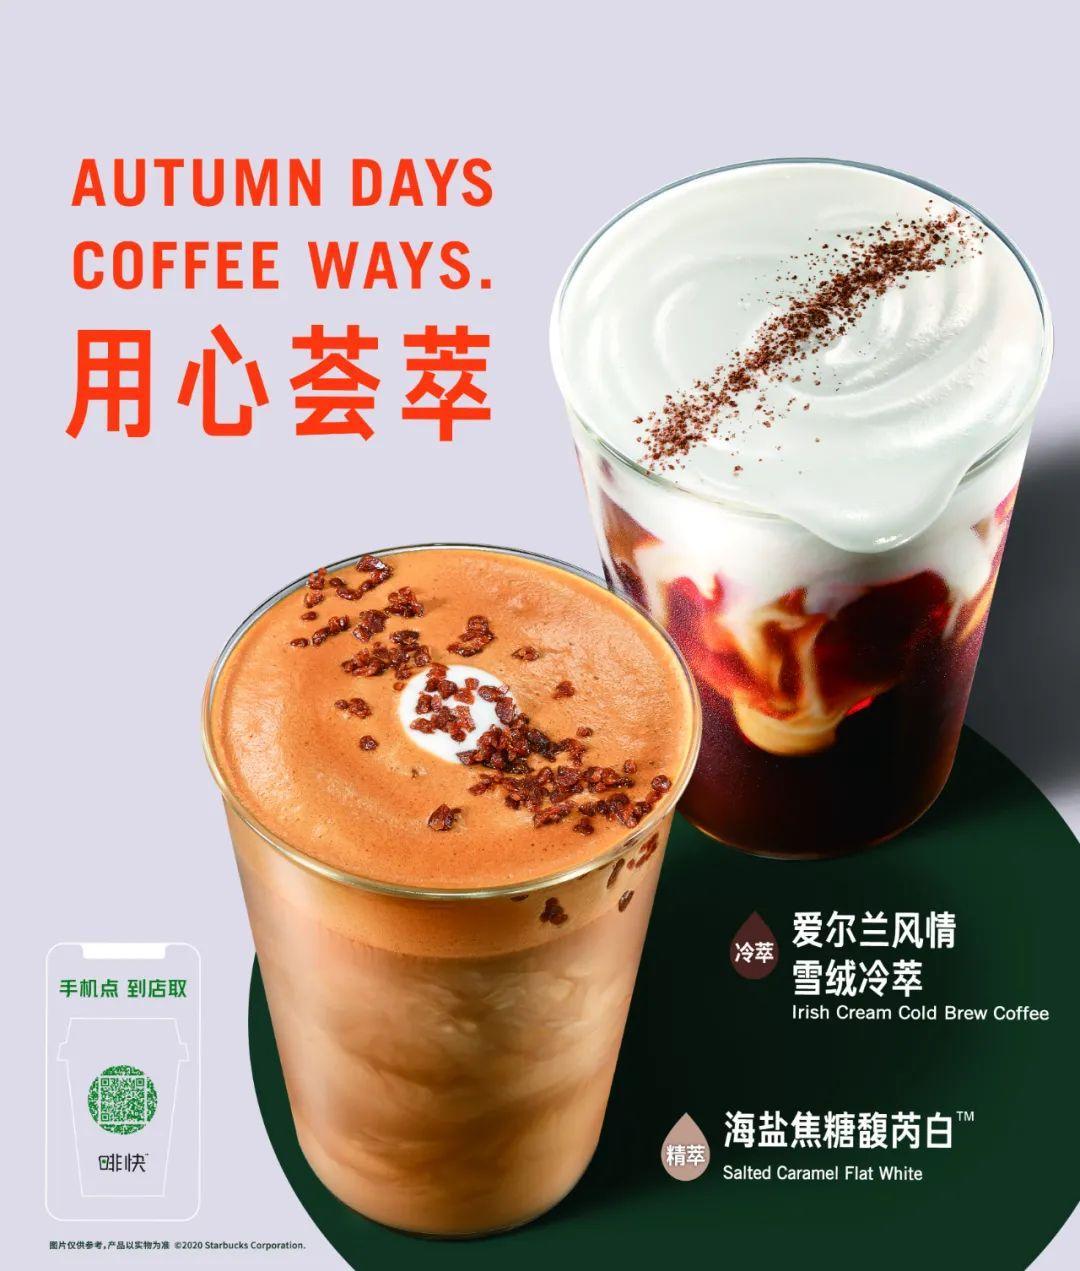 星巴克一年一度咖啡文化节如期而至!与星级咖啡师近距离接触,还可以惊喜体验4款季节限定新品!(图10)